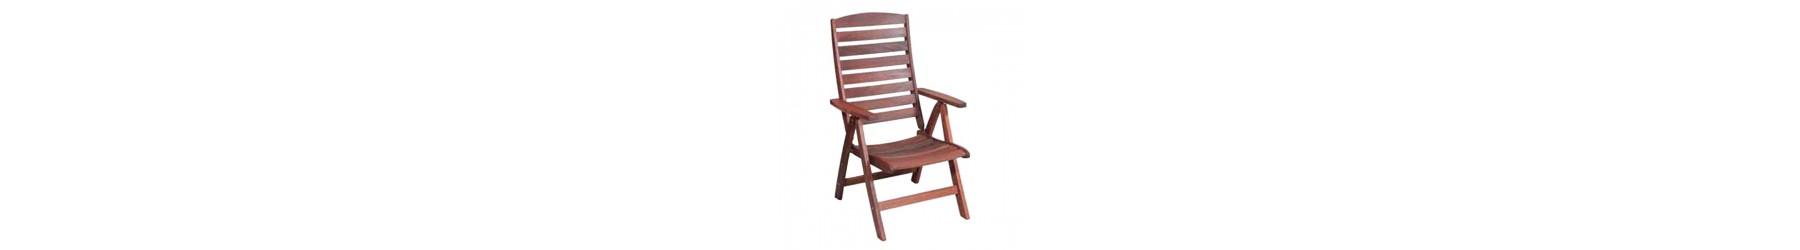 Πολυθρόνες και καρέκλες κήπου και βεράντας ξύλινες για εξωτερικό χώρο